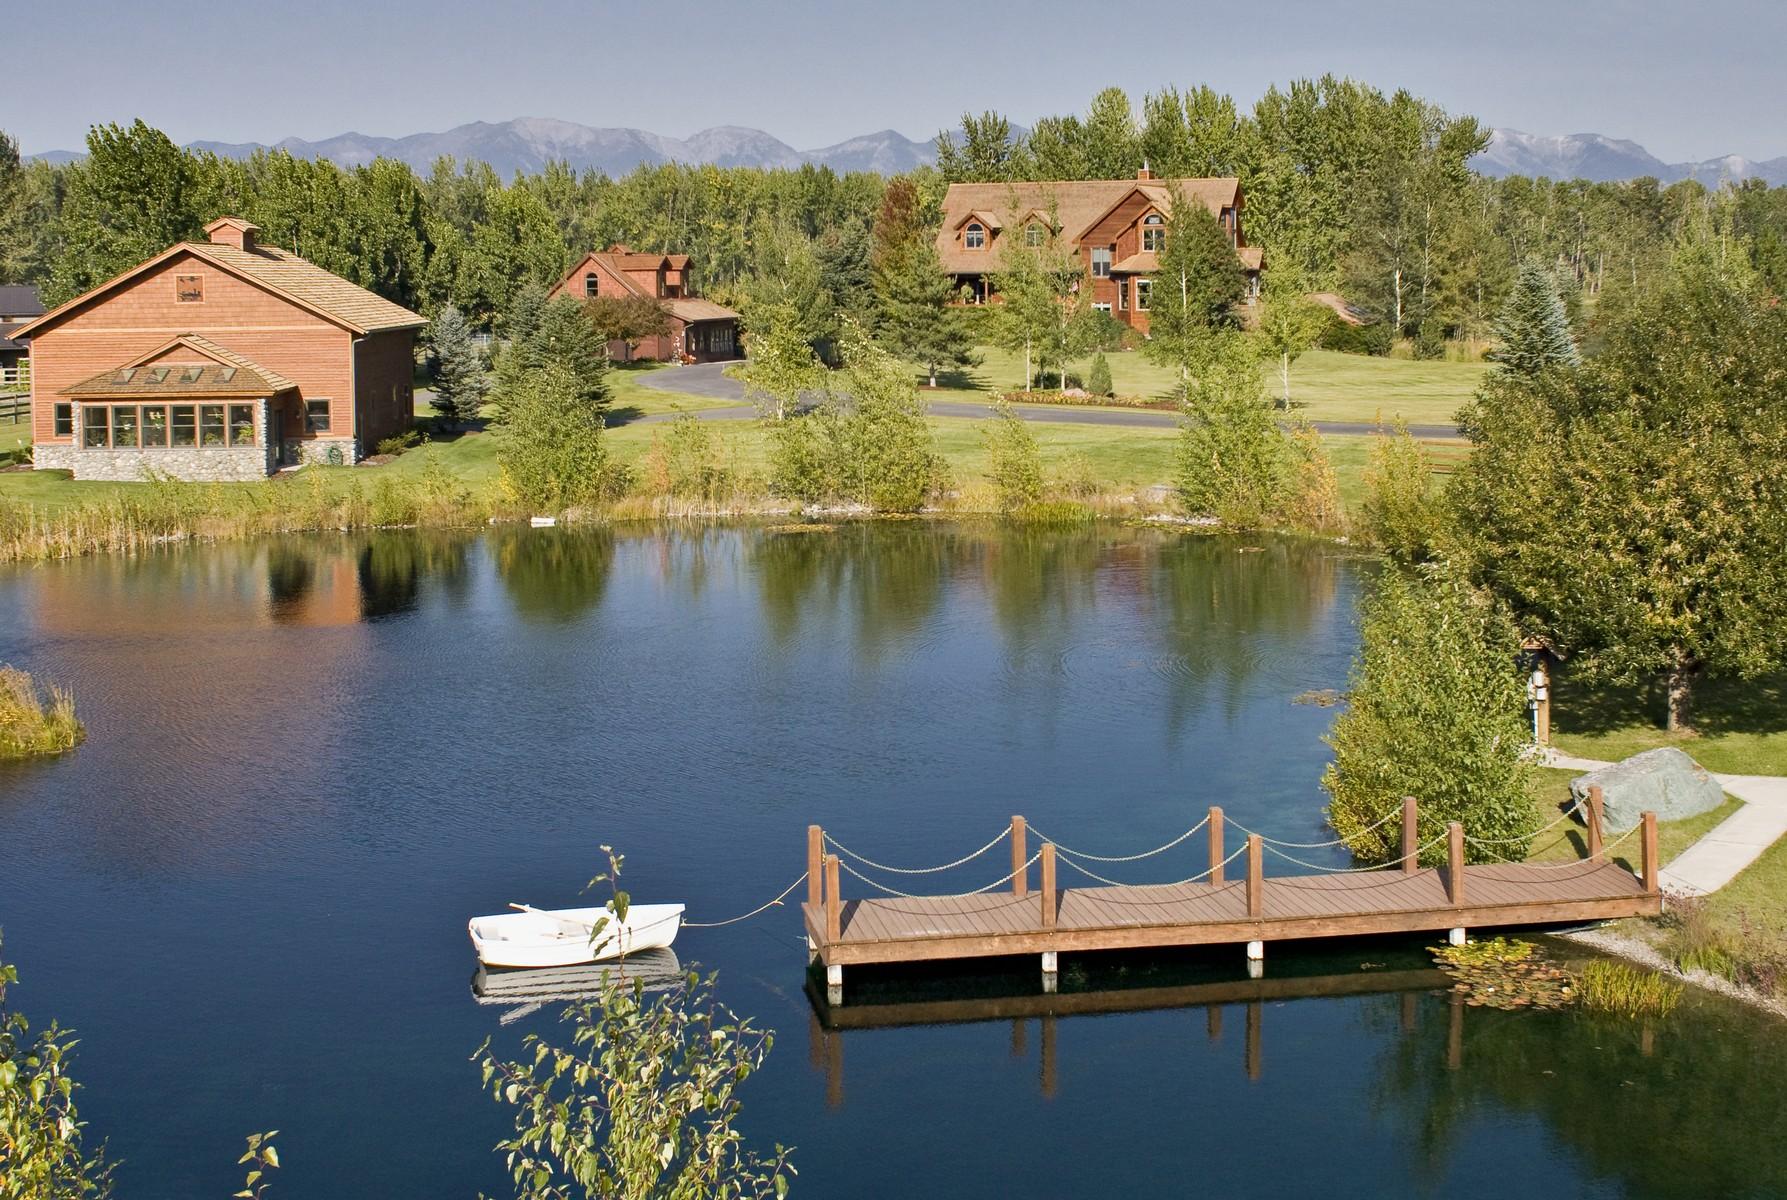 Einfamilienhaus für Verkauf beim 767 Lower Valley Rd , Kalispell, MT 59901 767 Lower Valley Rd Kalispell, Montana, 59901 Vereinigte Staaten